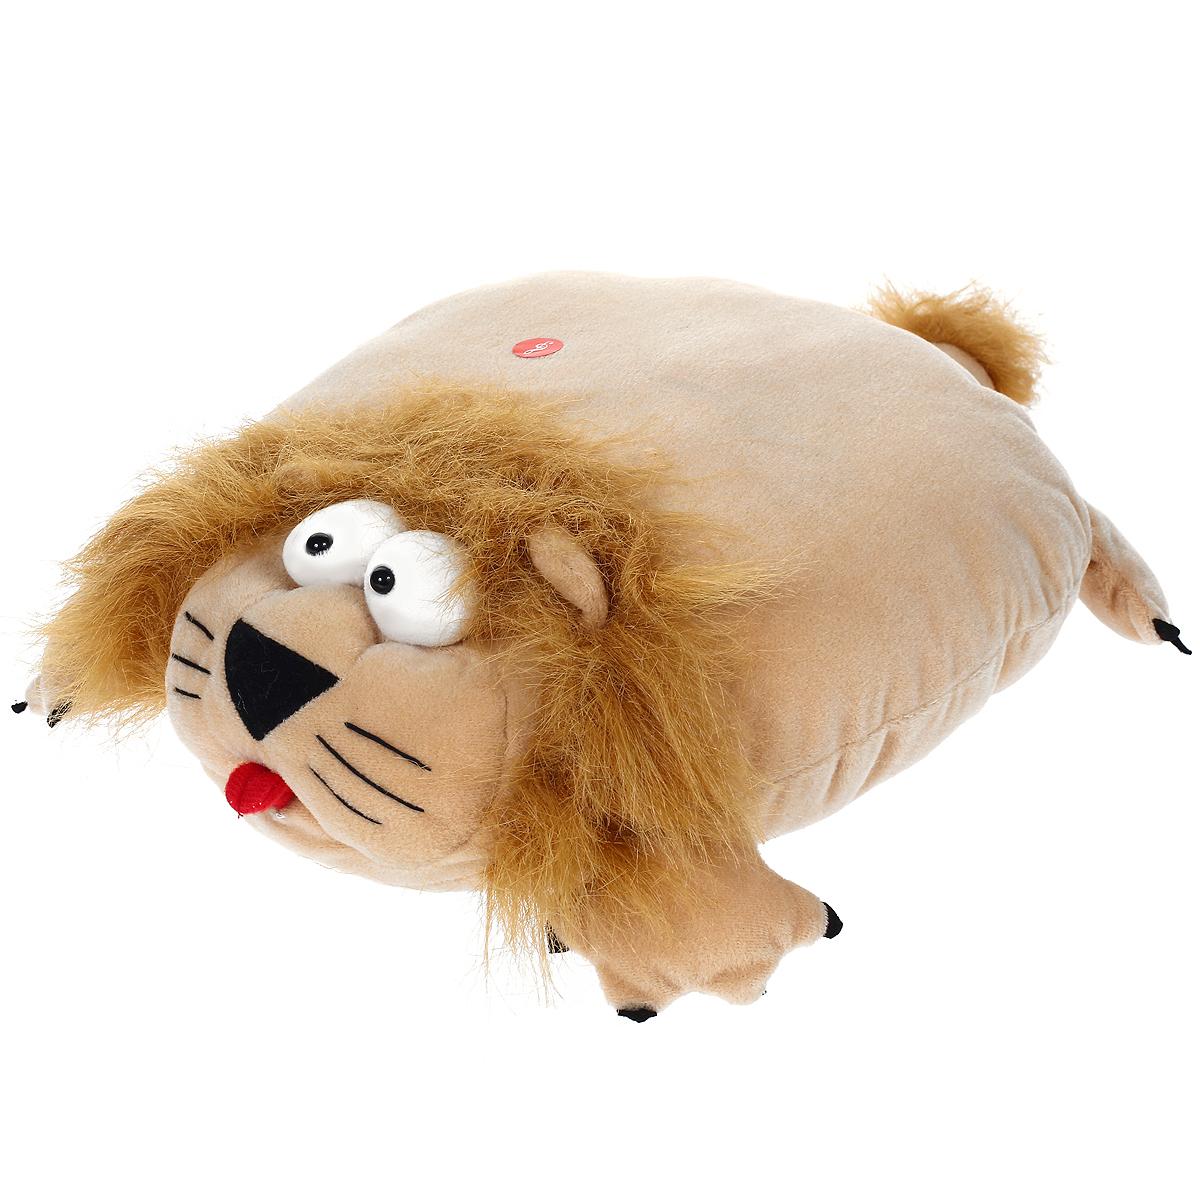 Мягкая озвученная игрушка-подушка Magic Bear Toys Лев, цвет: бежевыйSAF2005-ZF-M-3Очаровательная мягкая игрушка-подушка Magic Bear Toys Лев не оставит равнодушным ни ребенка, ни взрослого. Приятная на ощупь игрушка выполнена в виде милого льва с объемной головой, лапками и хвостом, туловище льва и является подушкой. Если нажать на подушку, то лев будет рычать. Такая игрушка-подушка прекрасно дополнит интерьер детской комнаты.